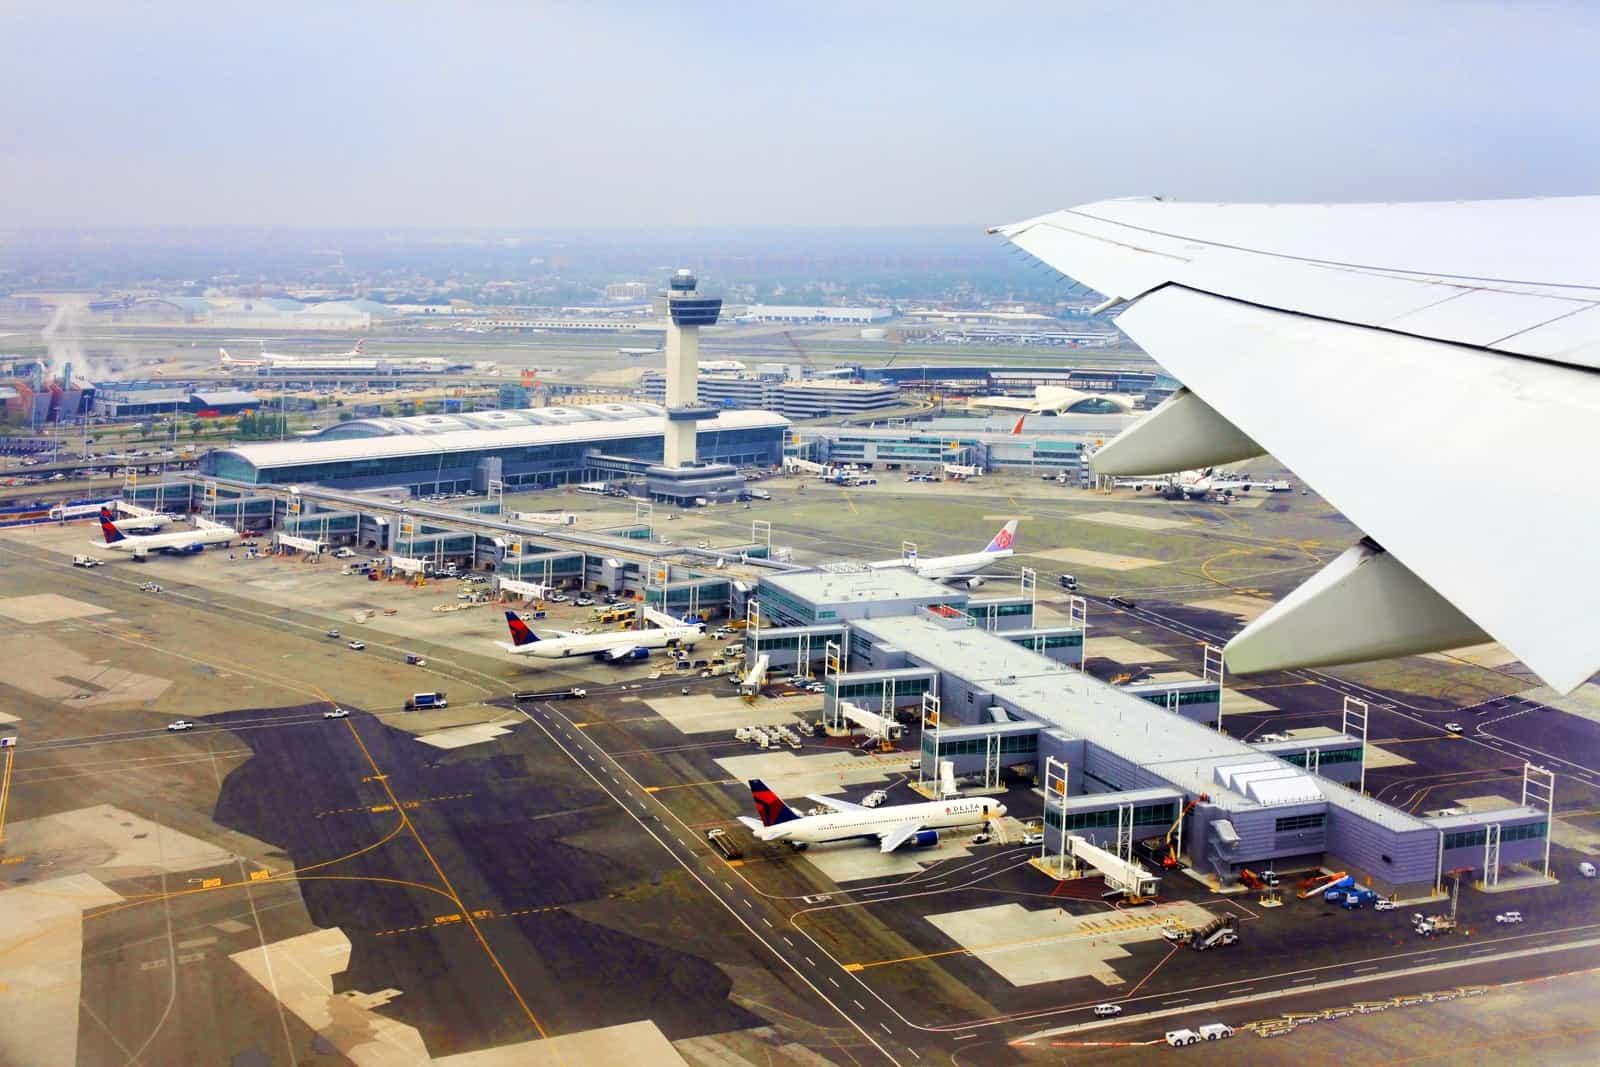 jfk lufthavn new york